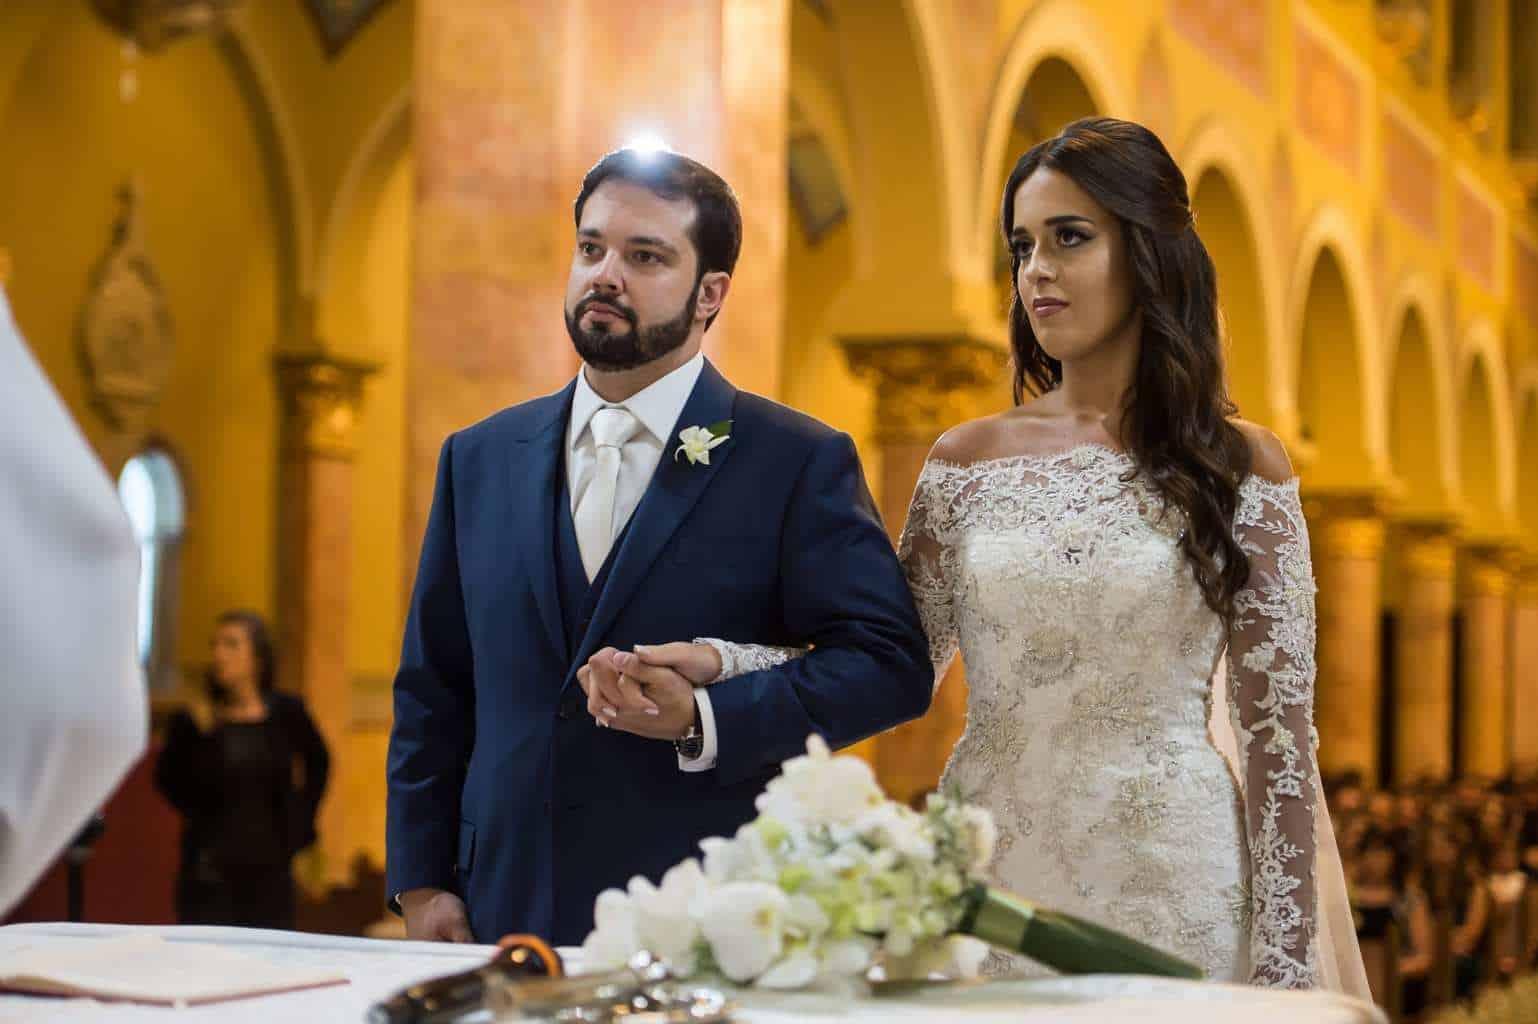 casamento-fernanda-e-leandro-casamento-sp-Fotografia-Produtora-7-casamento-clássico-casamento-tradicional-wedding-20